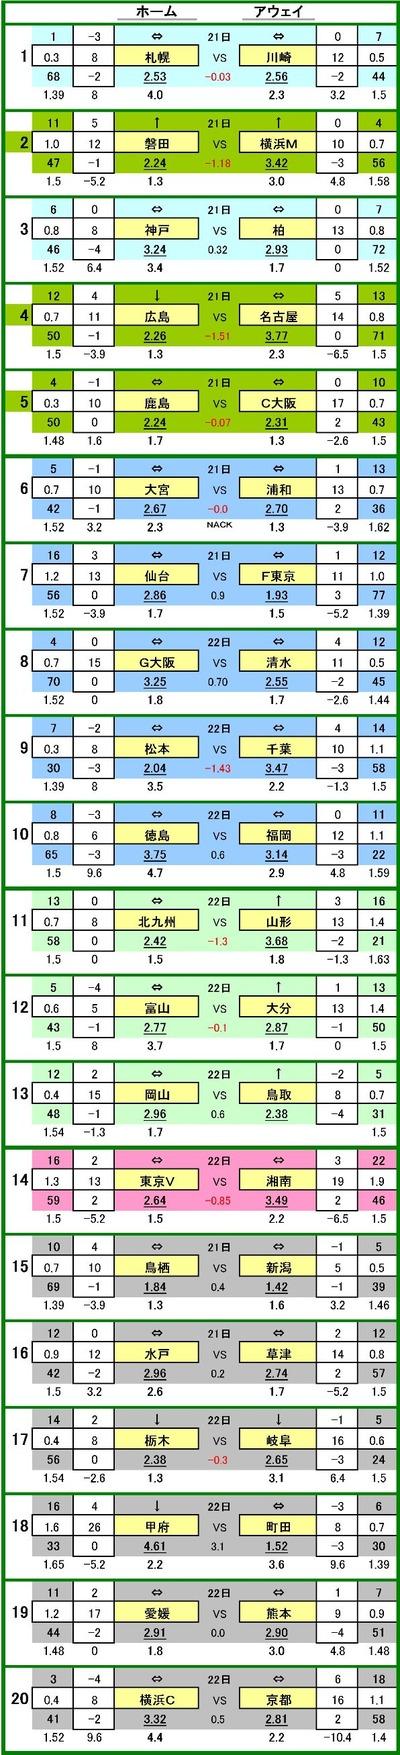 第558 回toto対戦データ一覧  1 コンサドーレ札幌 VS 川崎フロンターレ 23.9 % 44.1 % 32.0 % 2 ジュビロ磐田 VS 横浜F・マリノス 40.0 % 18.5 % 41.5 % 3 ヴィッセル神戸 VS 柏レイソル 34.3 % 37.1 % 28.6 % 4 サンフレッチェ広島 VS 名古屋グランパス 40.0 % 15.8 % 44.2 % 5 鹿島アントラーズ VS セレッソ大阪 24.5 % 43.2 % 32.3 % 6 大宮アルディージャ VS 浦和レッズ 23.7 % 44.4 % 31.9 % 7 ベガルタ仙台 VS FC東京 39.4 % 21.8 % 38.8 % 8 ガンバ大阪 VS 清水エスパルス 37.5 % 27.5 % 35.0 % 9 松本山雅 VS ジェフ千葉 40.0 % 16.4 % 43.6 % 10 徳島ヴォルティス VS アビスパ福岡 36.7 % 29.8 % 33.5 % 11 ギラヴァンツ北九州 VS モンテディオ山形 40.0 % 17.9 % 42.1 % 12 カターレ富山 VS 大分トリニータ 25.0 % 42.5 % 32.5 % 13 ファジアーノ岡山 VS ガイナーレ鳥取 36.5 % 30.6 % 32.9 % 14 東京ヴェルディ VS 湘南ベルマーレ 37.6 % 23.6 % 38.8 % 15 サガン鳥栖 VS アルビレックス新潟 35.2 % 34.4 % 30.4 % 16 水戸ホーリーホック VS ザスパ草津 33.6 % 39.3 % 27.1 % 17 栃木SC VS FC岐阜 27.9 % 38.2 % 33.9 % 18 ヴァンフォーレ甲府 VS FC町田ゼルビア 48.8 % 11.3 % 40.0 % 19 愛媛FC VS ロアッソ熊本 31.8 % 44.7 % 23.5 % 20 横浜FC VS 京都サンガ 35.9 % 32.3 % 31.8 %